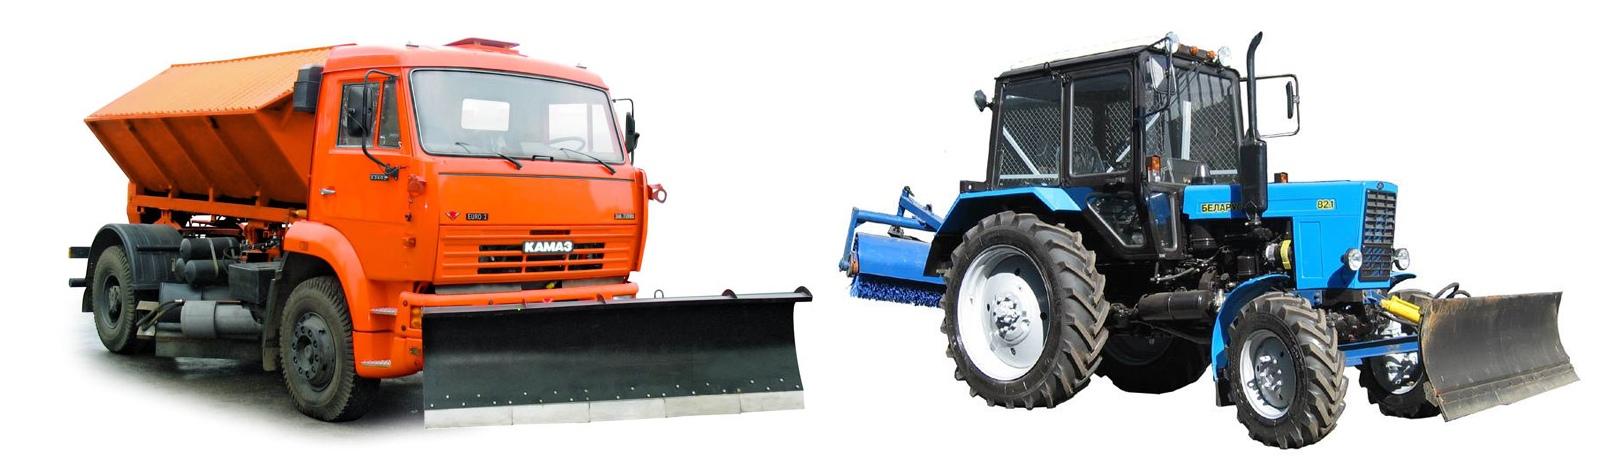 Машина КДМ и трактор МТЗ